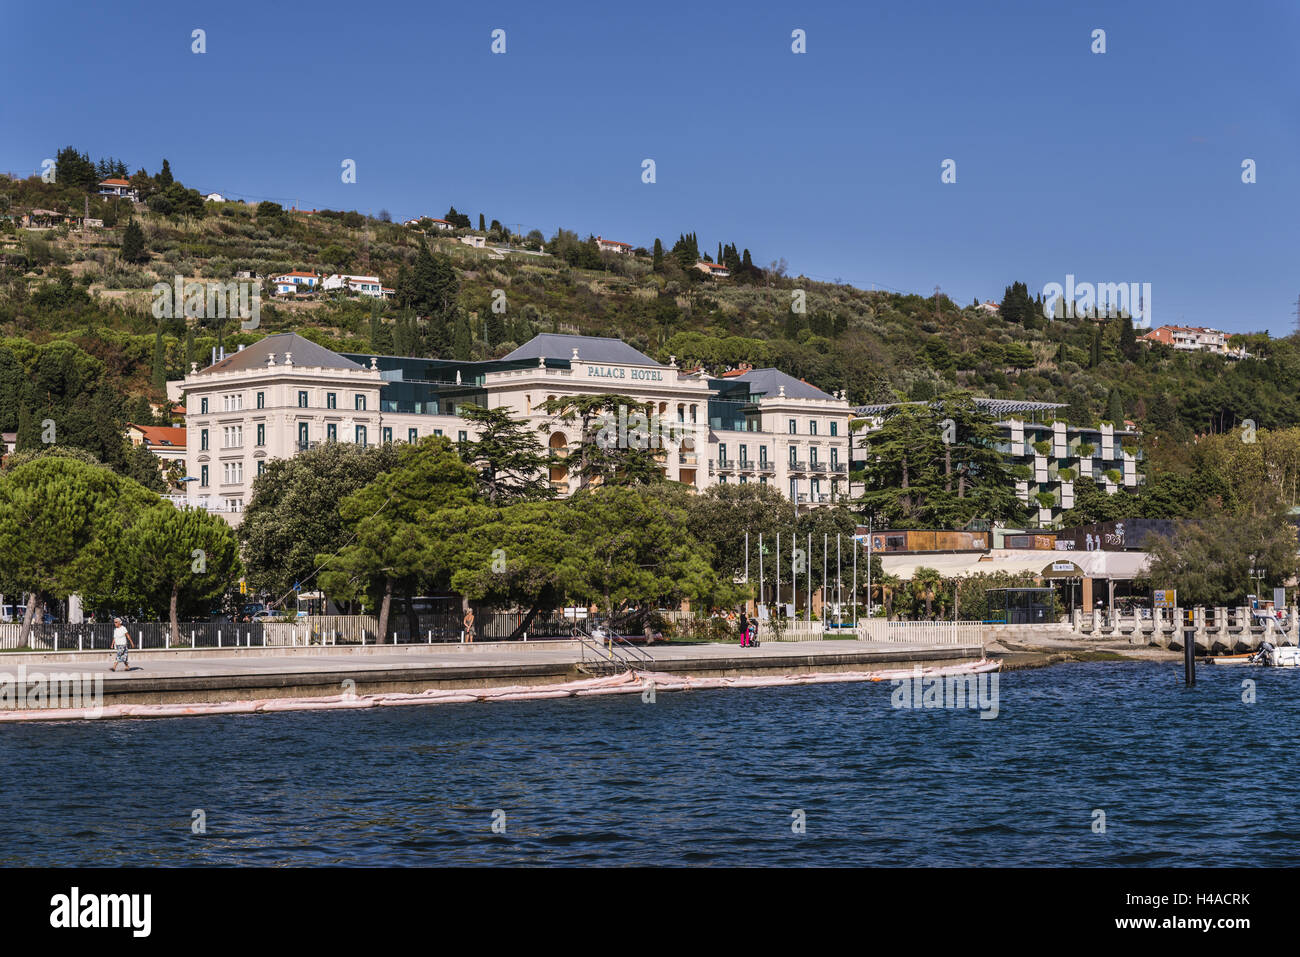 Slovenia Slovenian Riviera Portoroz Bank Promenade With Palace - Palace-hotel-in-slovenia